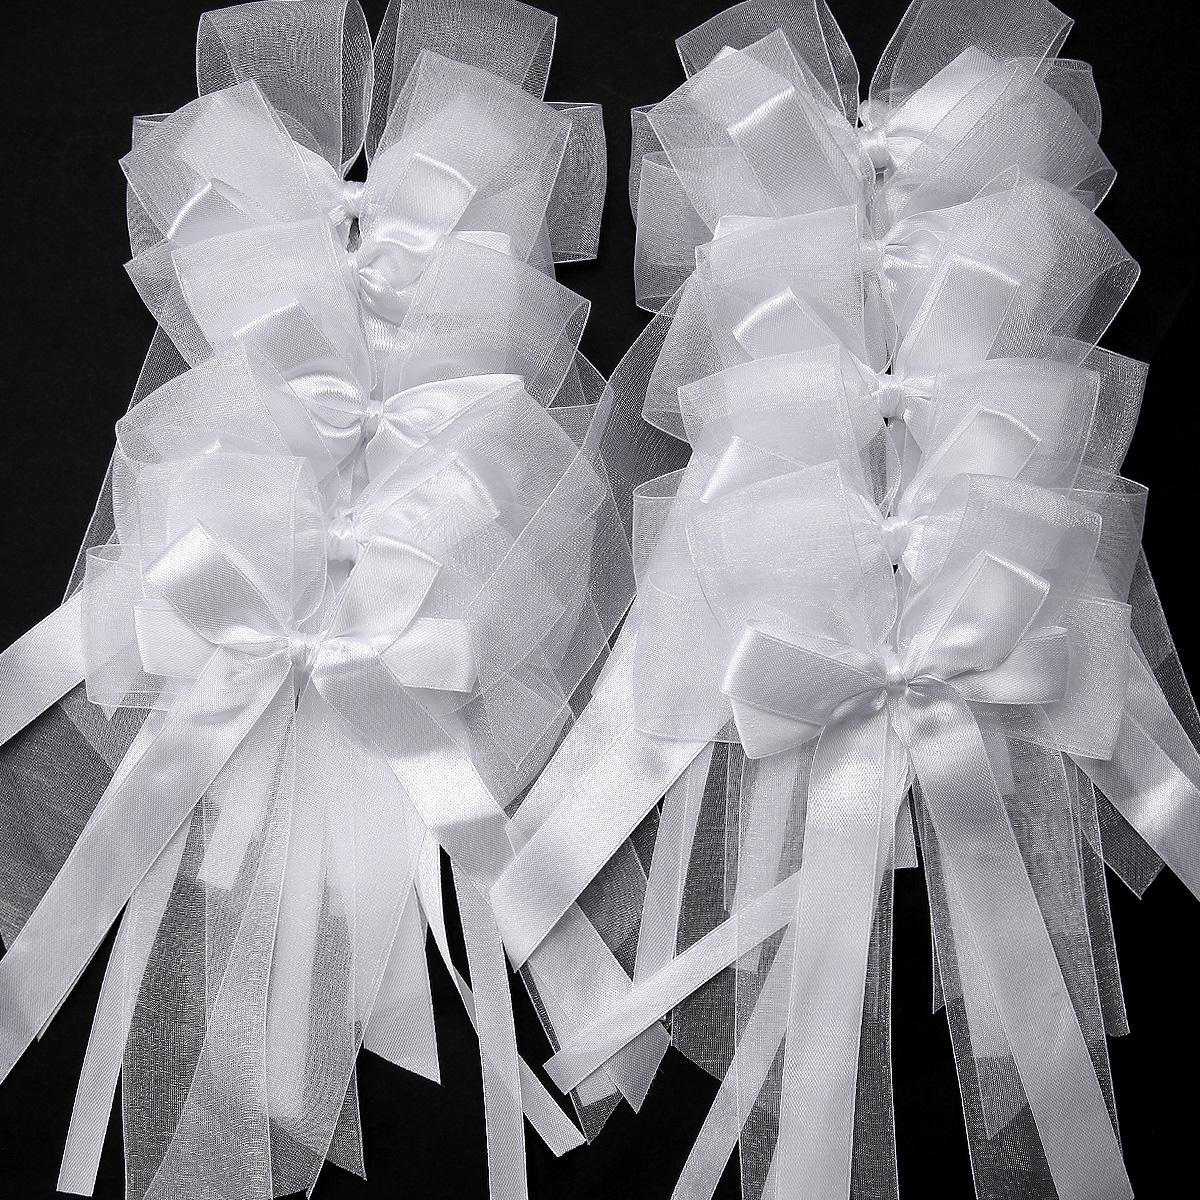 Wedding Chapel Decoration Ideas: 10x Organza Satin Ribbons Bows Bowknot Wedding Cars Gift